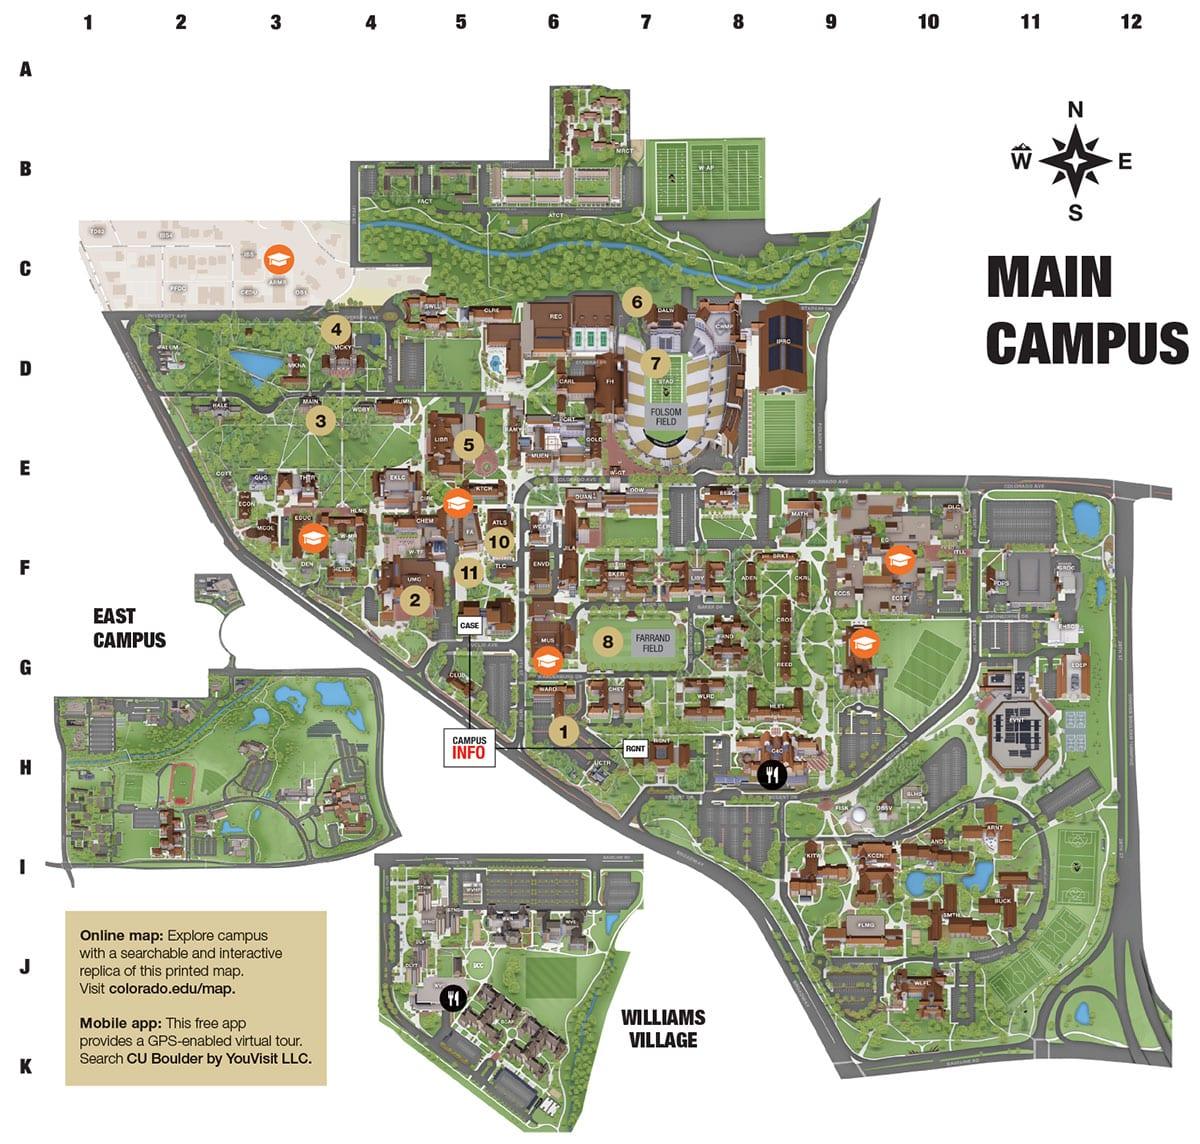 university of colorado boulder campus map Cu Campus Map University Of Colorado Online Visitor S Guide university of colorado boulder campus map